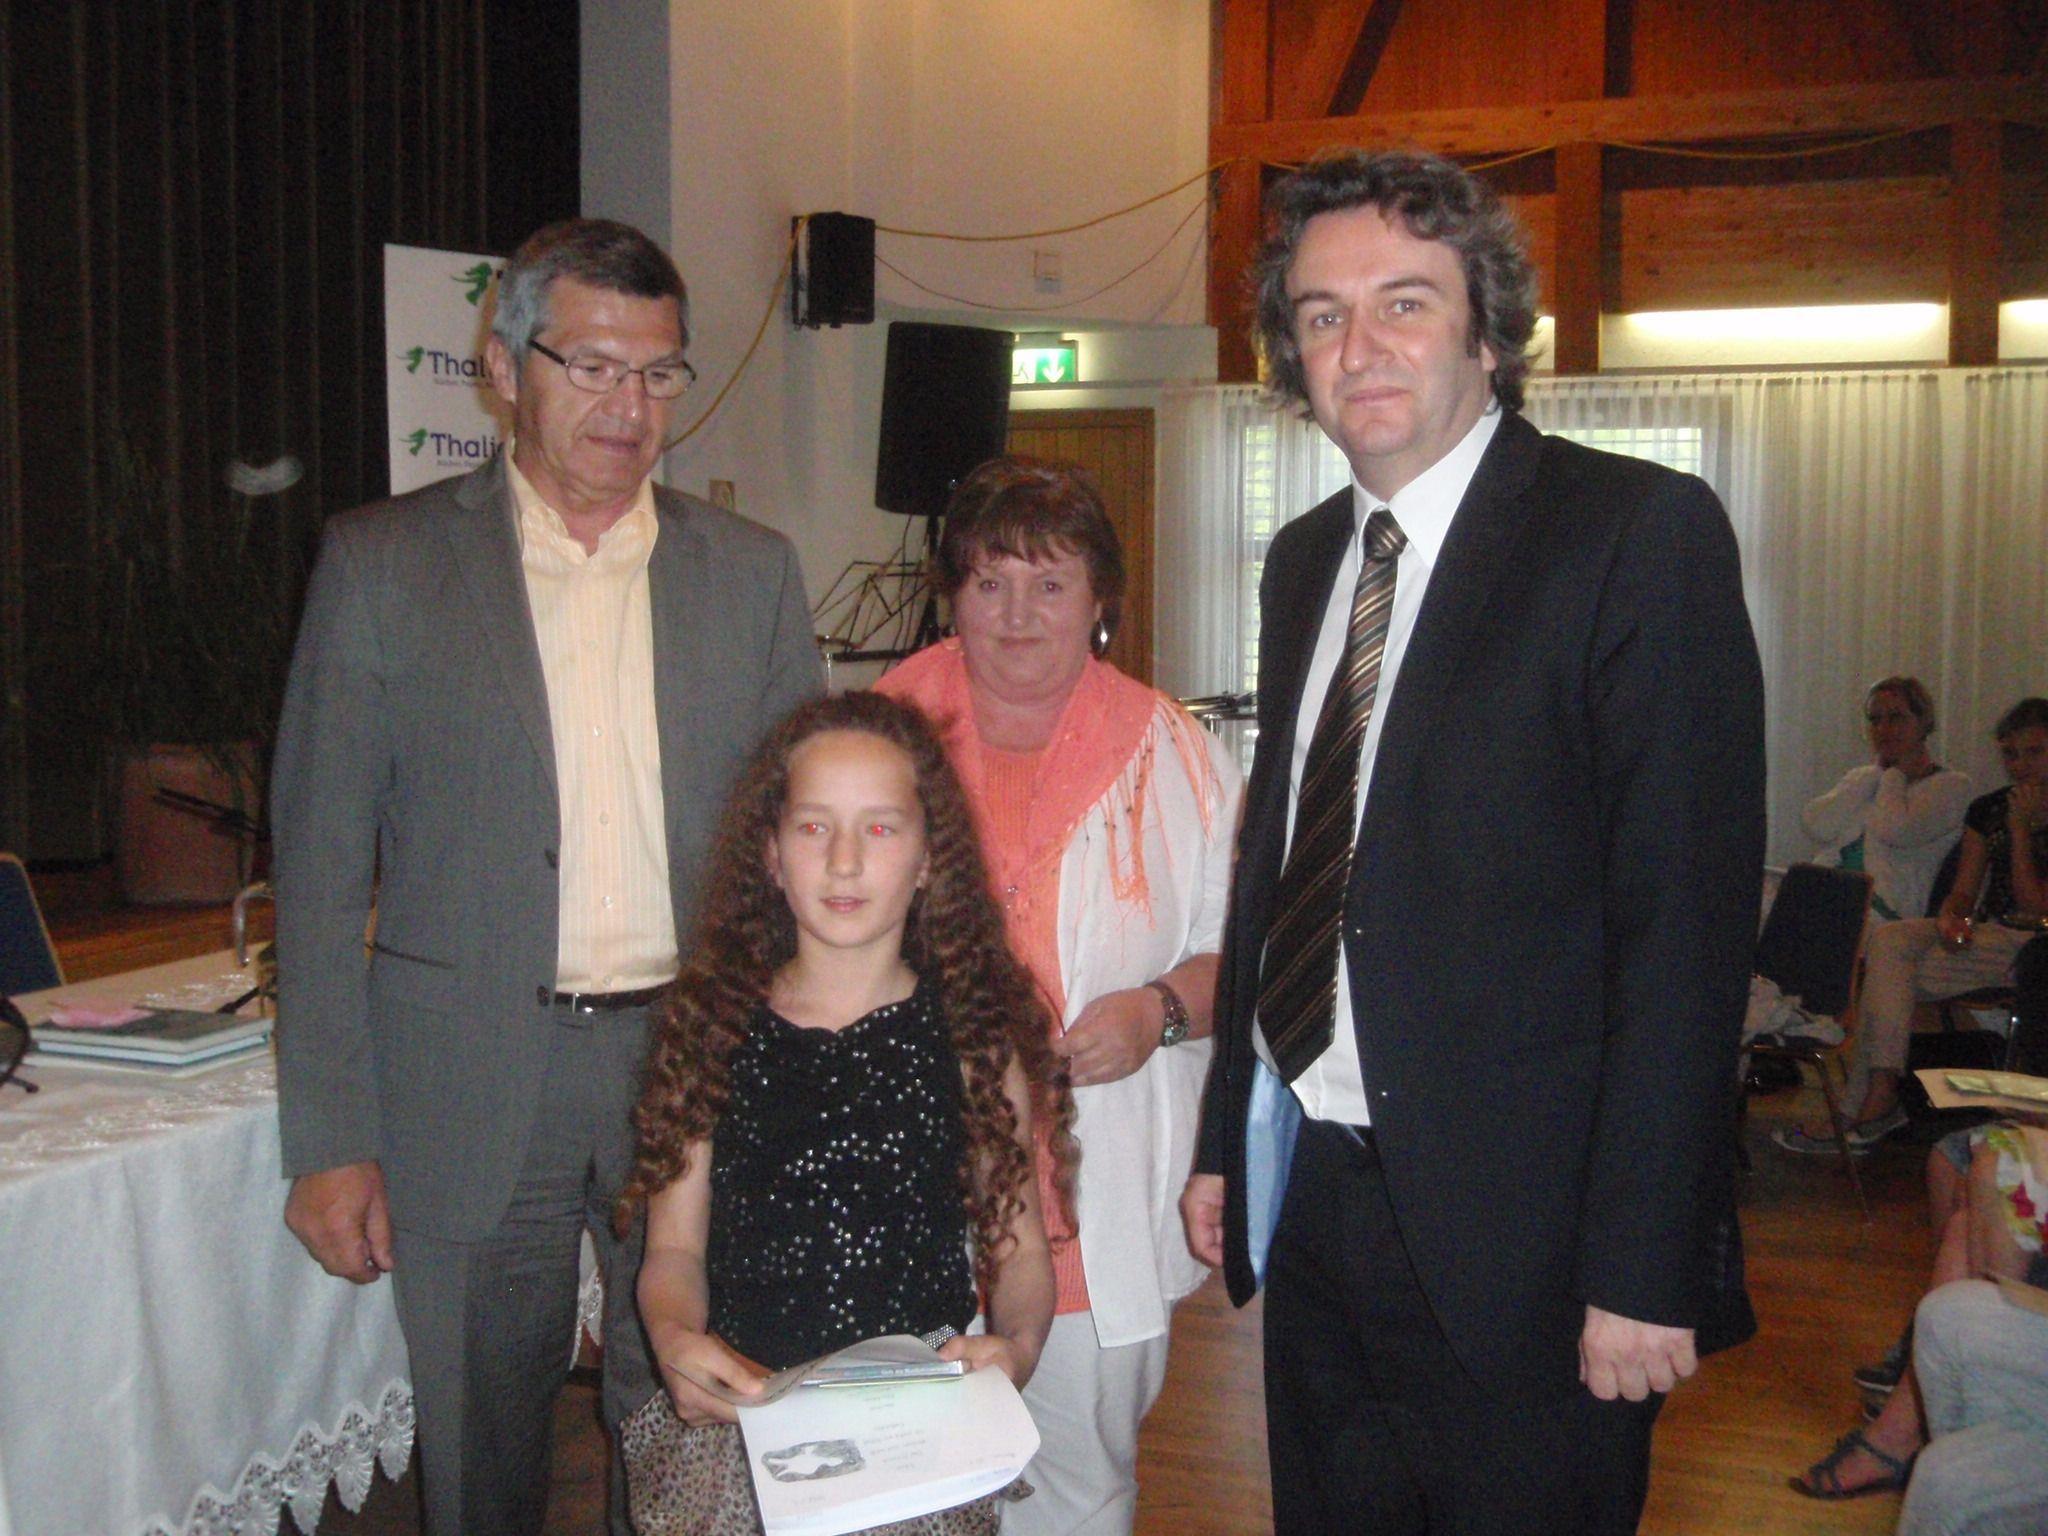 Landesrat Siegi Stemer und Bürgermeister Michael Tinkhauser gratulieren der jungen Preisträgerin.